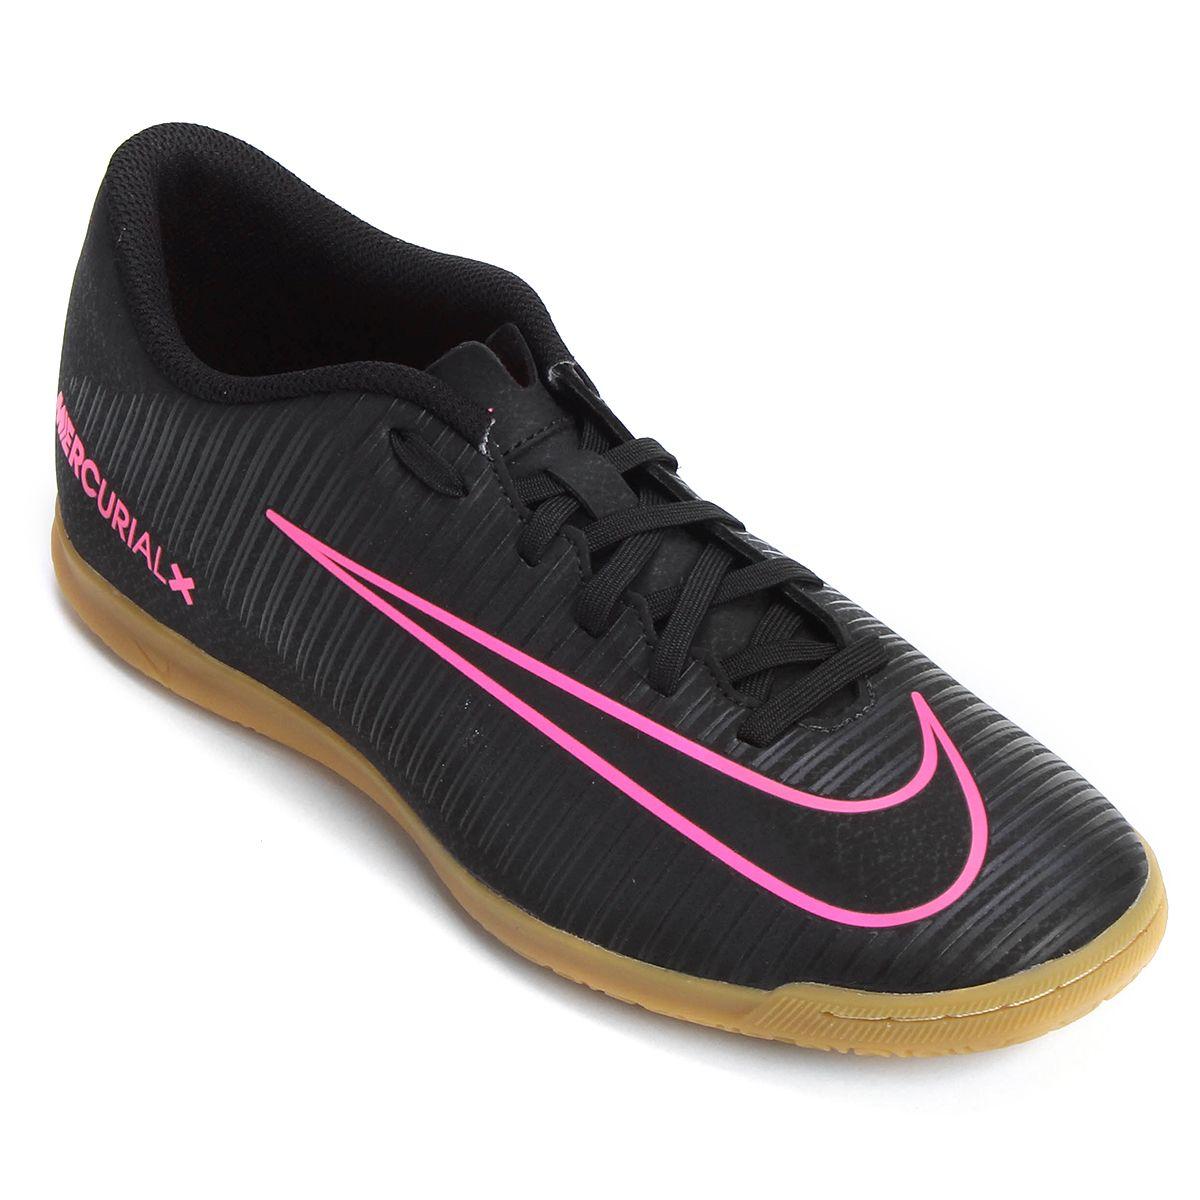 5bf13b2131419 A Chuteira Nike Mercurial Vortex 3 IC Futsal é desenvolvida para as quadras  indoor e oferece